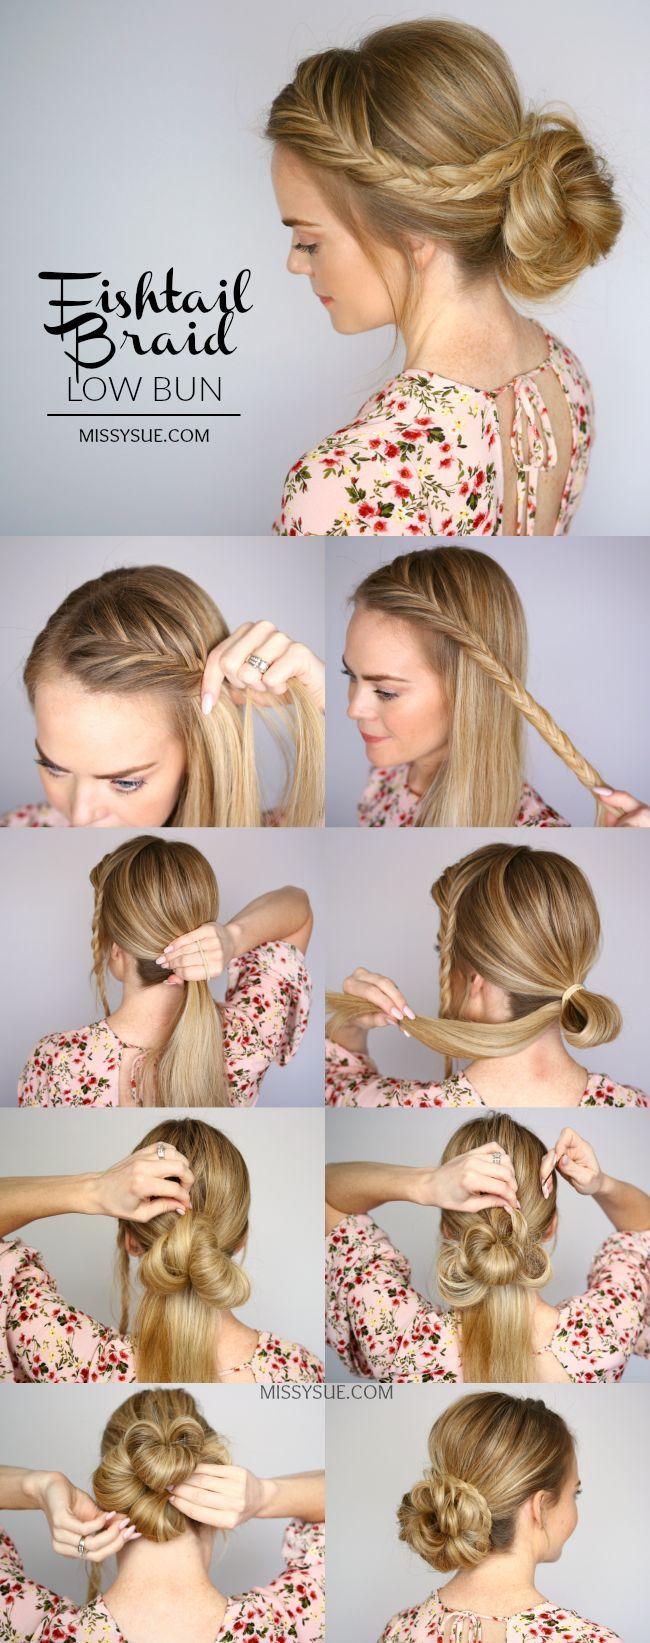 awesome fishtail braid low bun hair tutorial... by http://www.danaz-haircuts.xyz/hair-tutorials/fishtail-braid-low-bun-hair-tutorial/